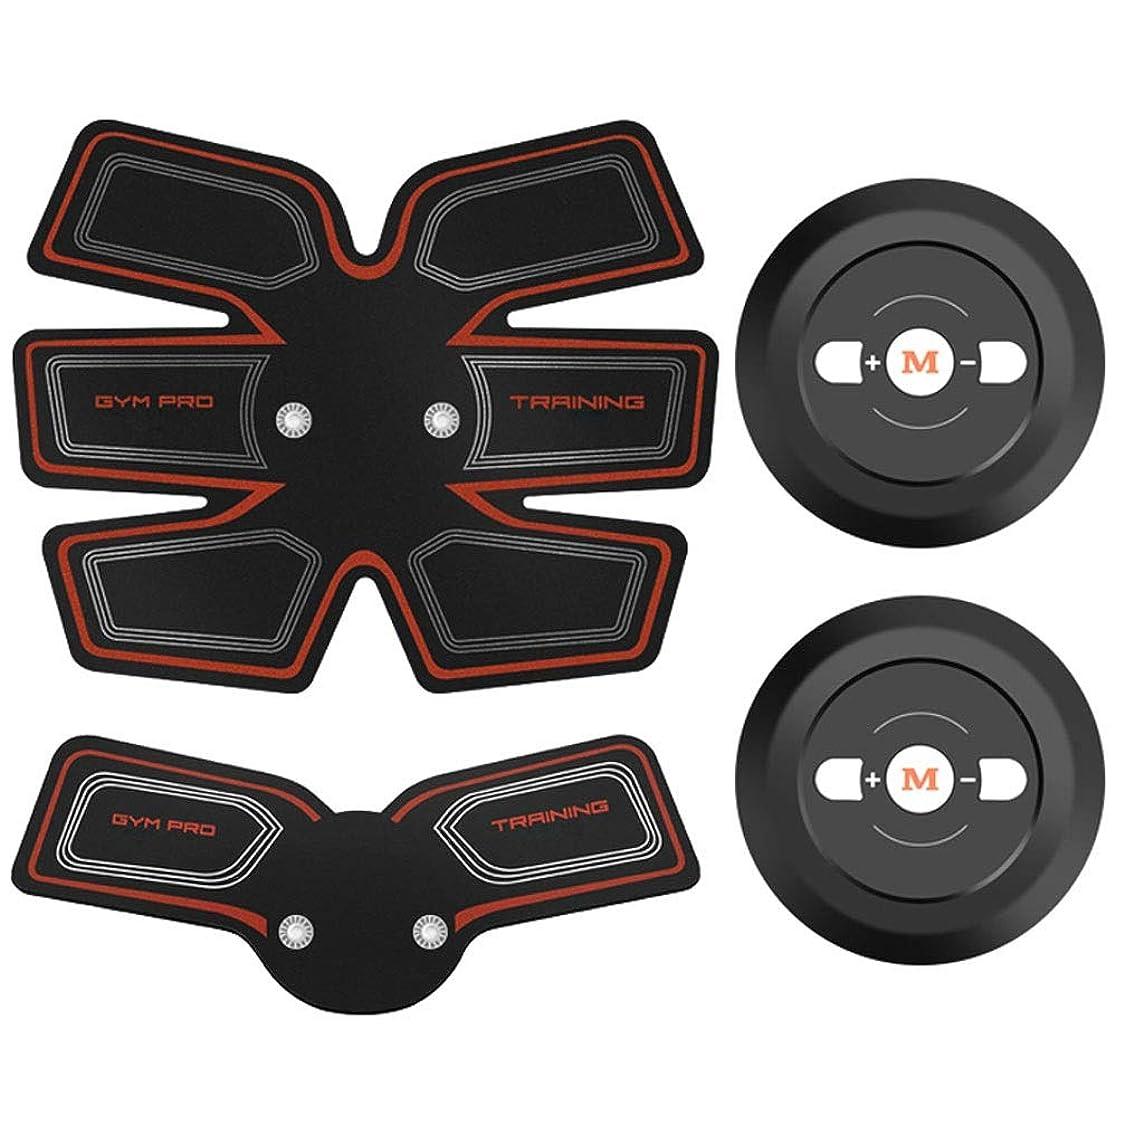 ベッツィトロットウッド突破口バッフルEMS ABSトレーナー、腹部調色ベルト、EMSマッスルスティミュレーター、マッスルトナーフィットネストレーニングギア(男性用)女性腹部アームレッグトレーナー(オフィス用) (Color : Red, Size : A+B)